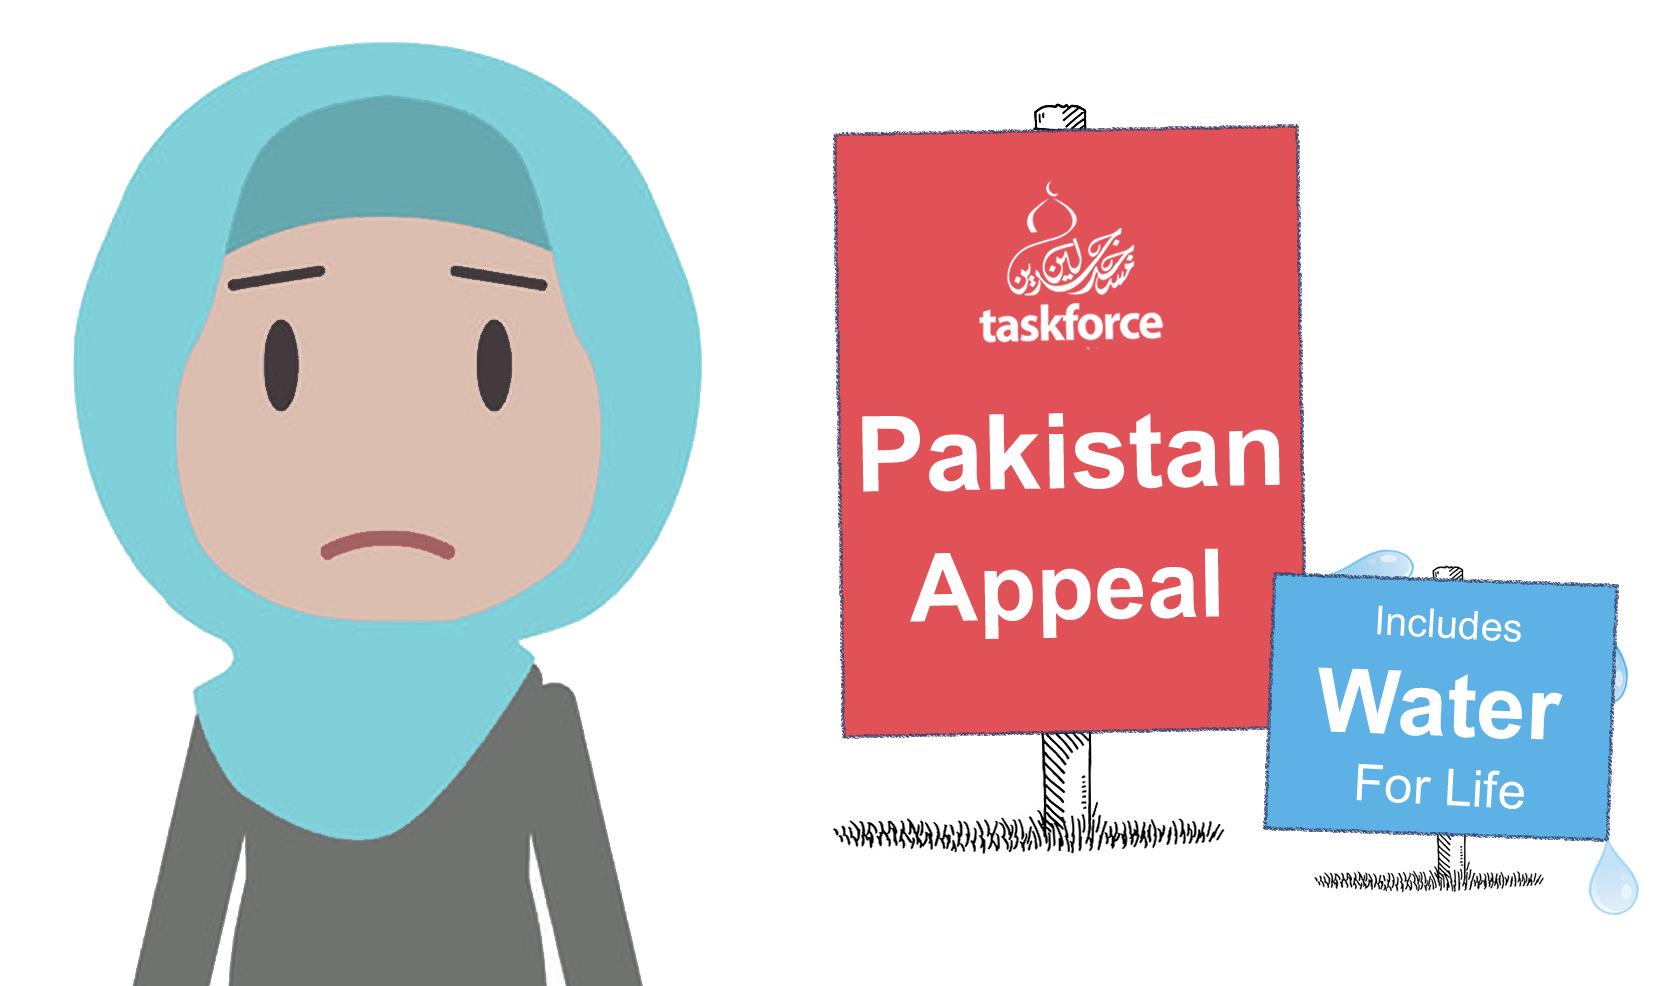 Pakistan Charity Appeal